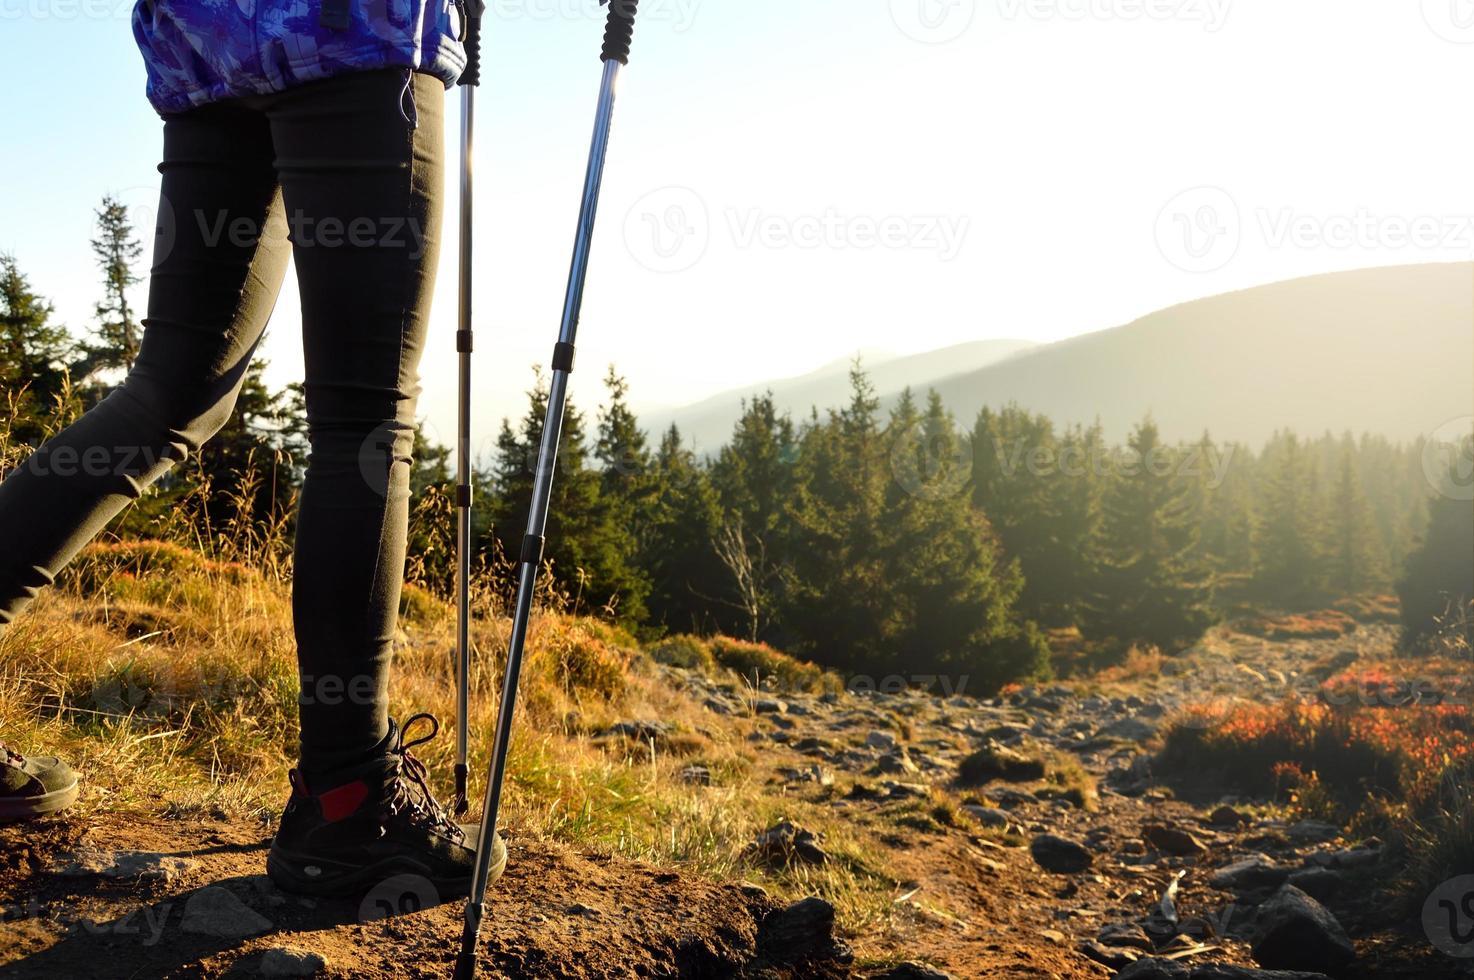 im Sonnenuntergang einen Bergpfad hinuntergehen. foto